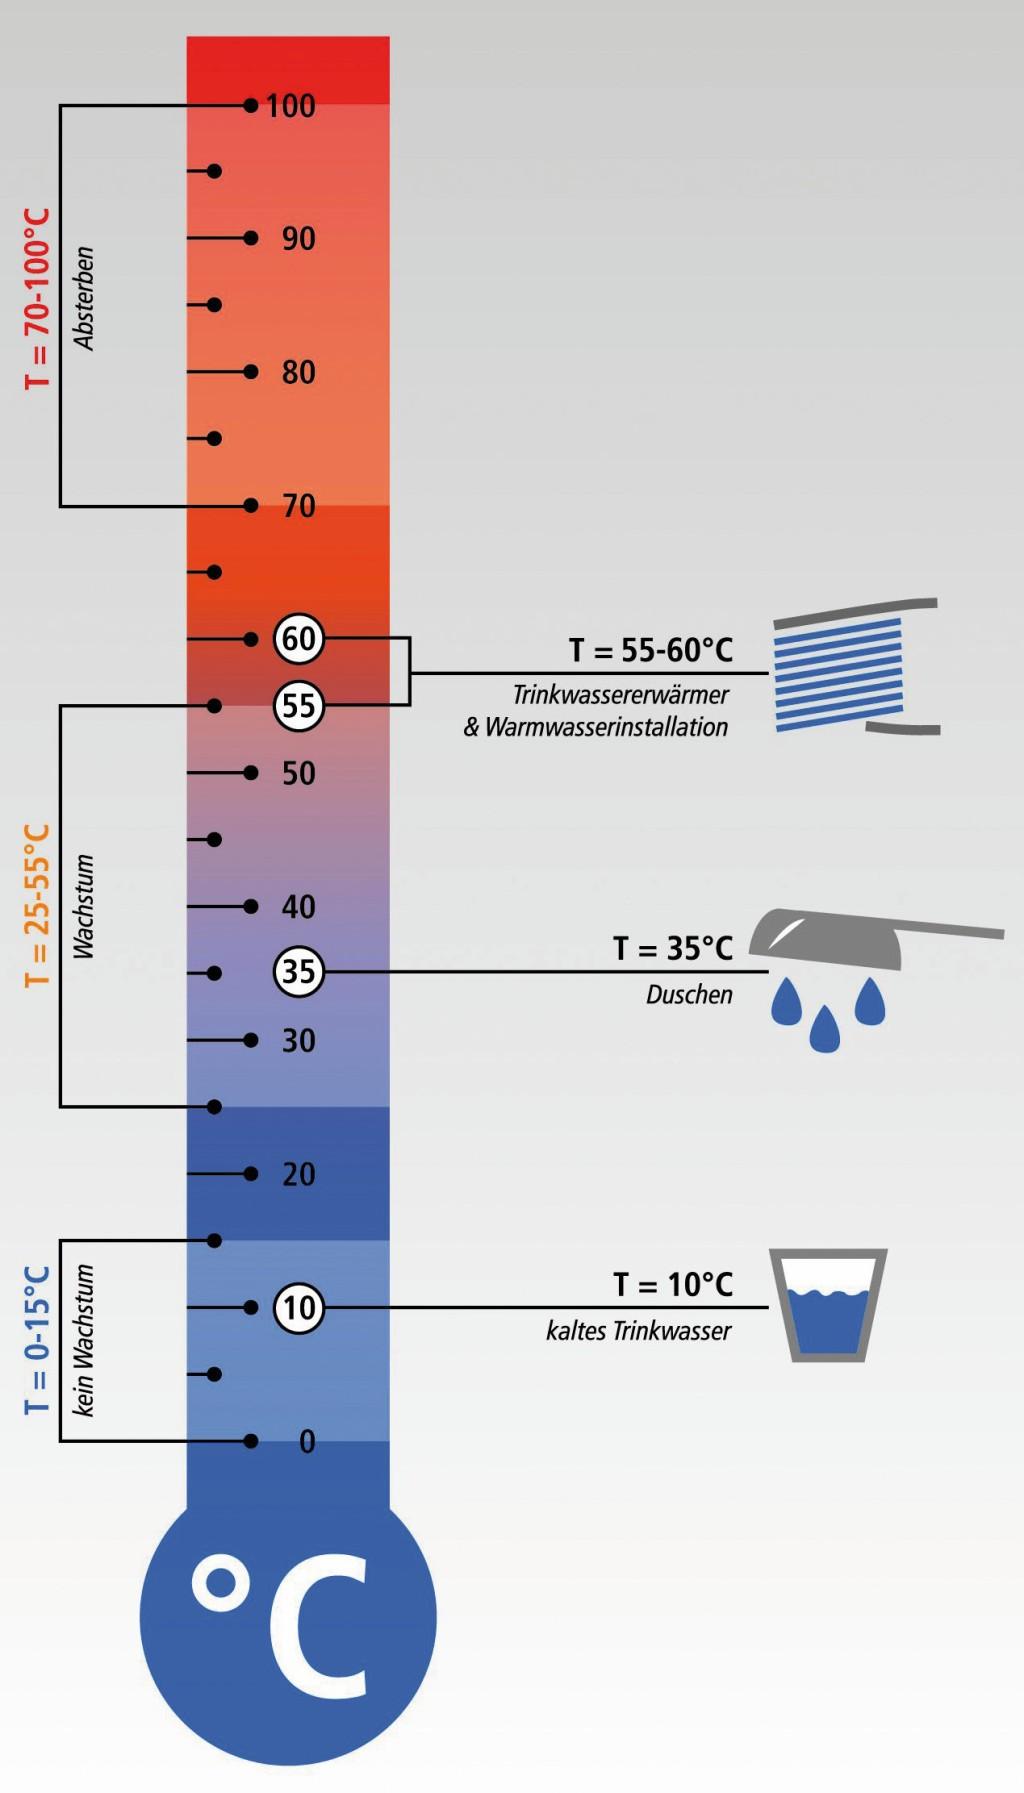 Legionellenwachstum in Abhängigkeit von der Temperatur. Bild: FH Münster/ Gebr. Kemper